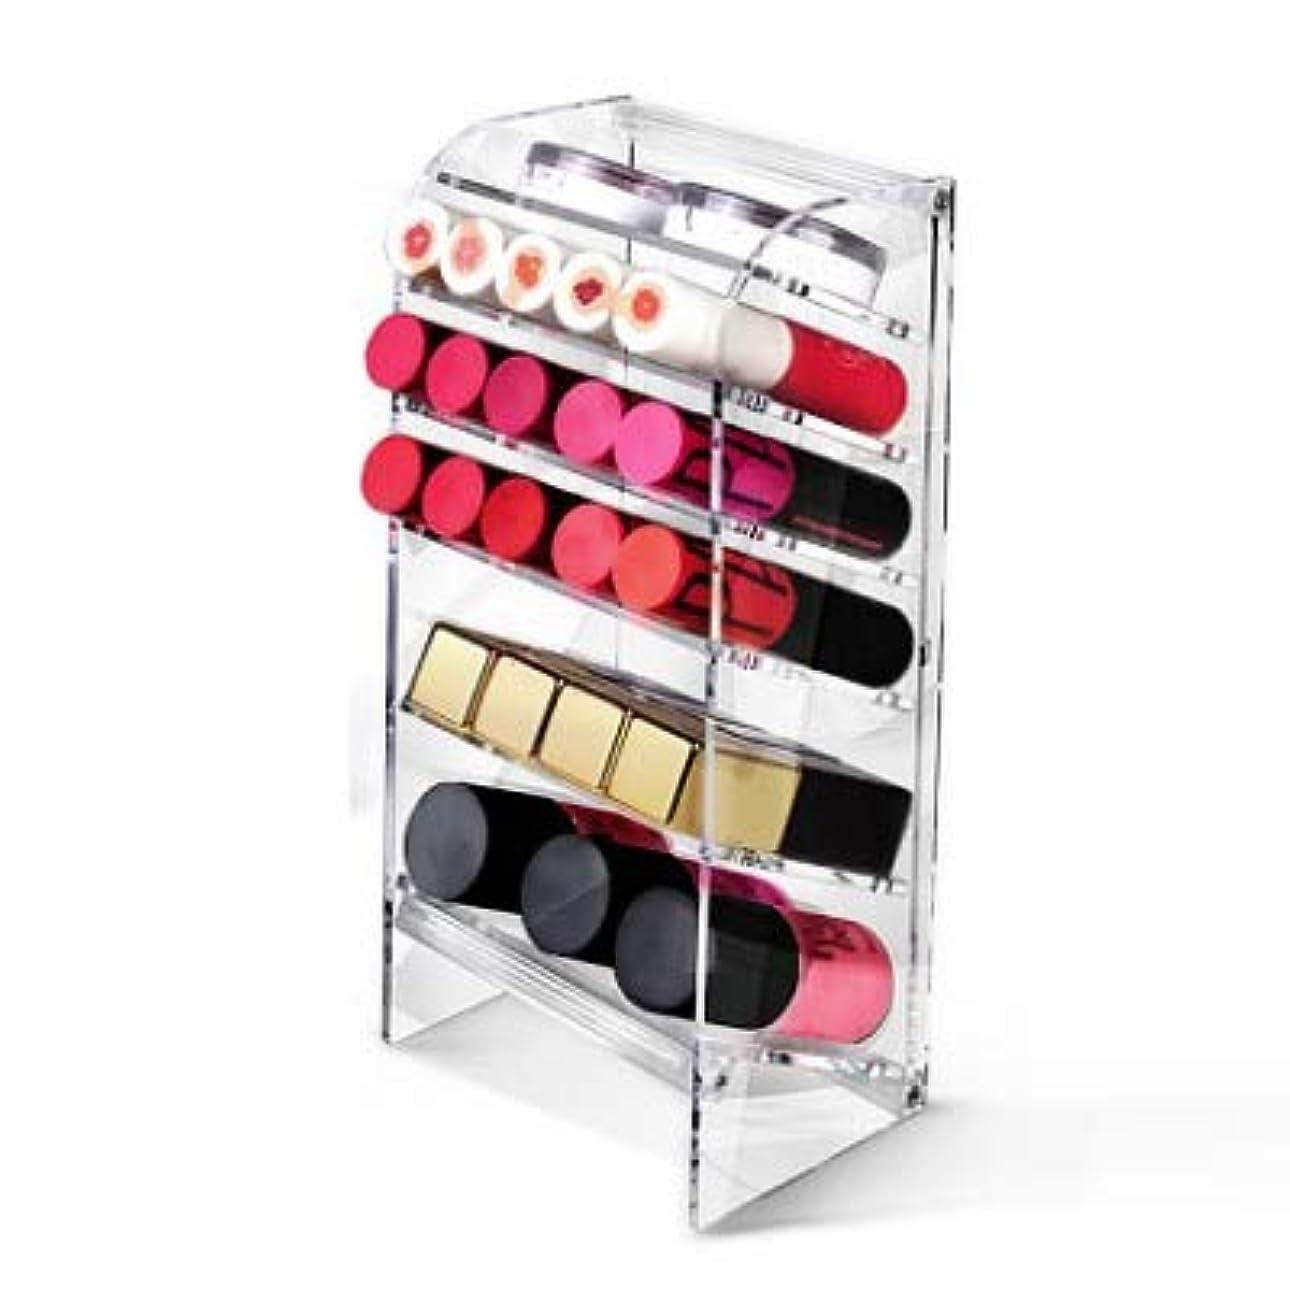 熟考する取り戻す話すATIC Acrylic アクリル DIY 透明 コスメケース メイクケース メイクボックス 化粧品 入れ コスメ リップスティック 収納 スタンド/Organizer storage For lipstick make-up...